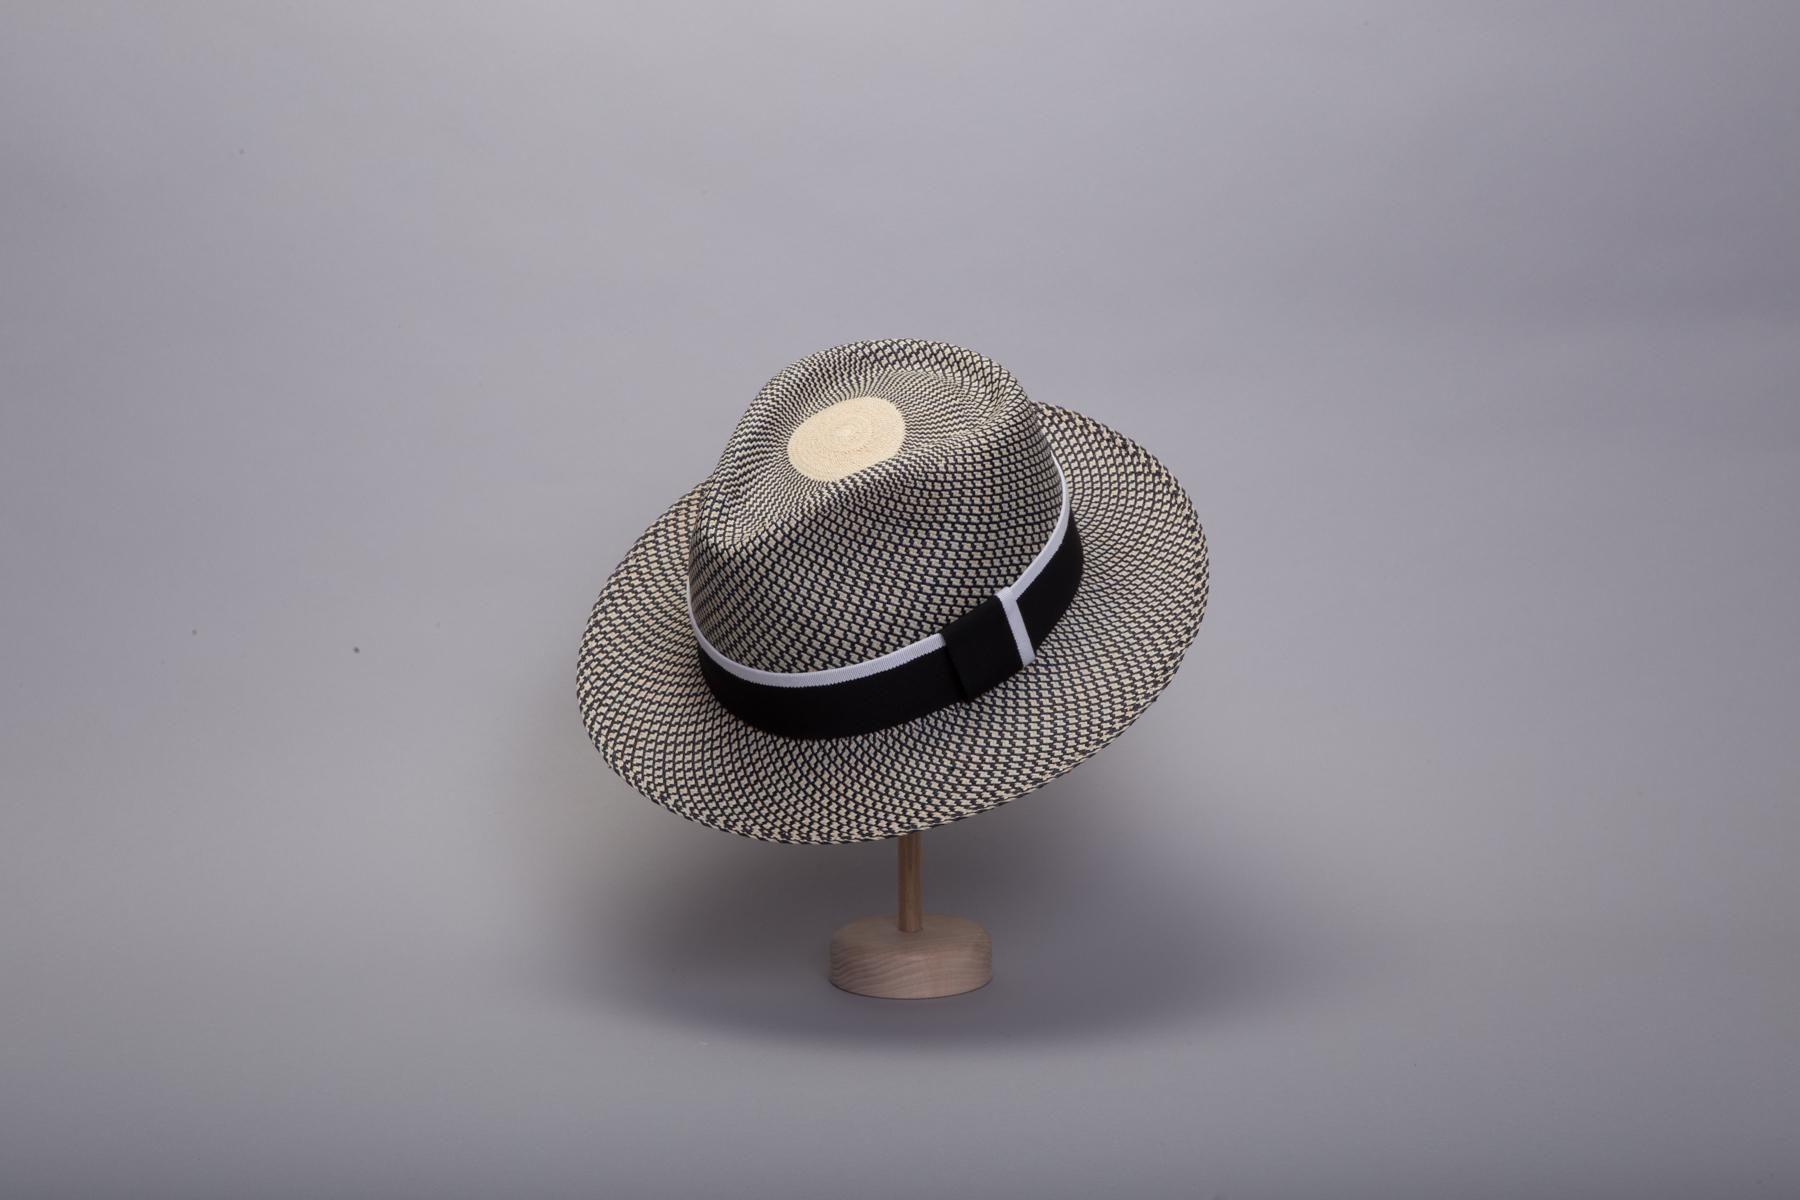 chapeau-panama-capferret-gif2-450x300